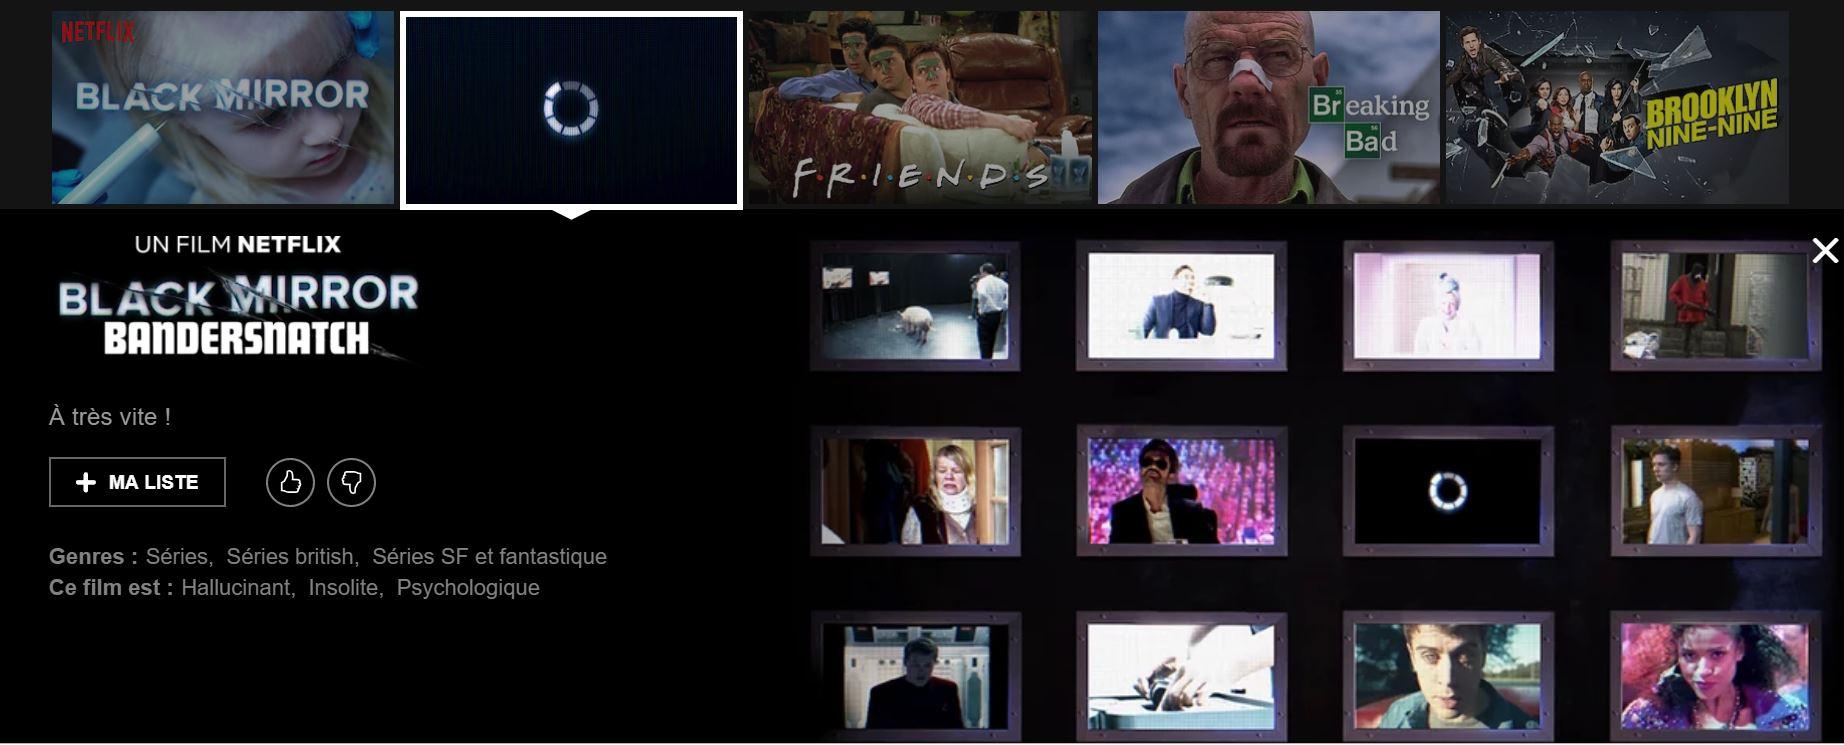 Black Mirror: Bandersnatch sur Netflix